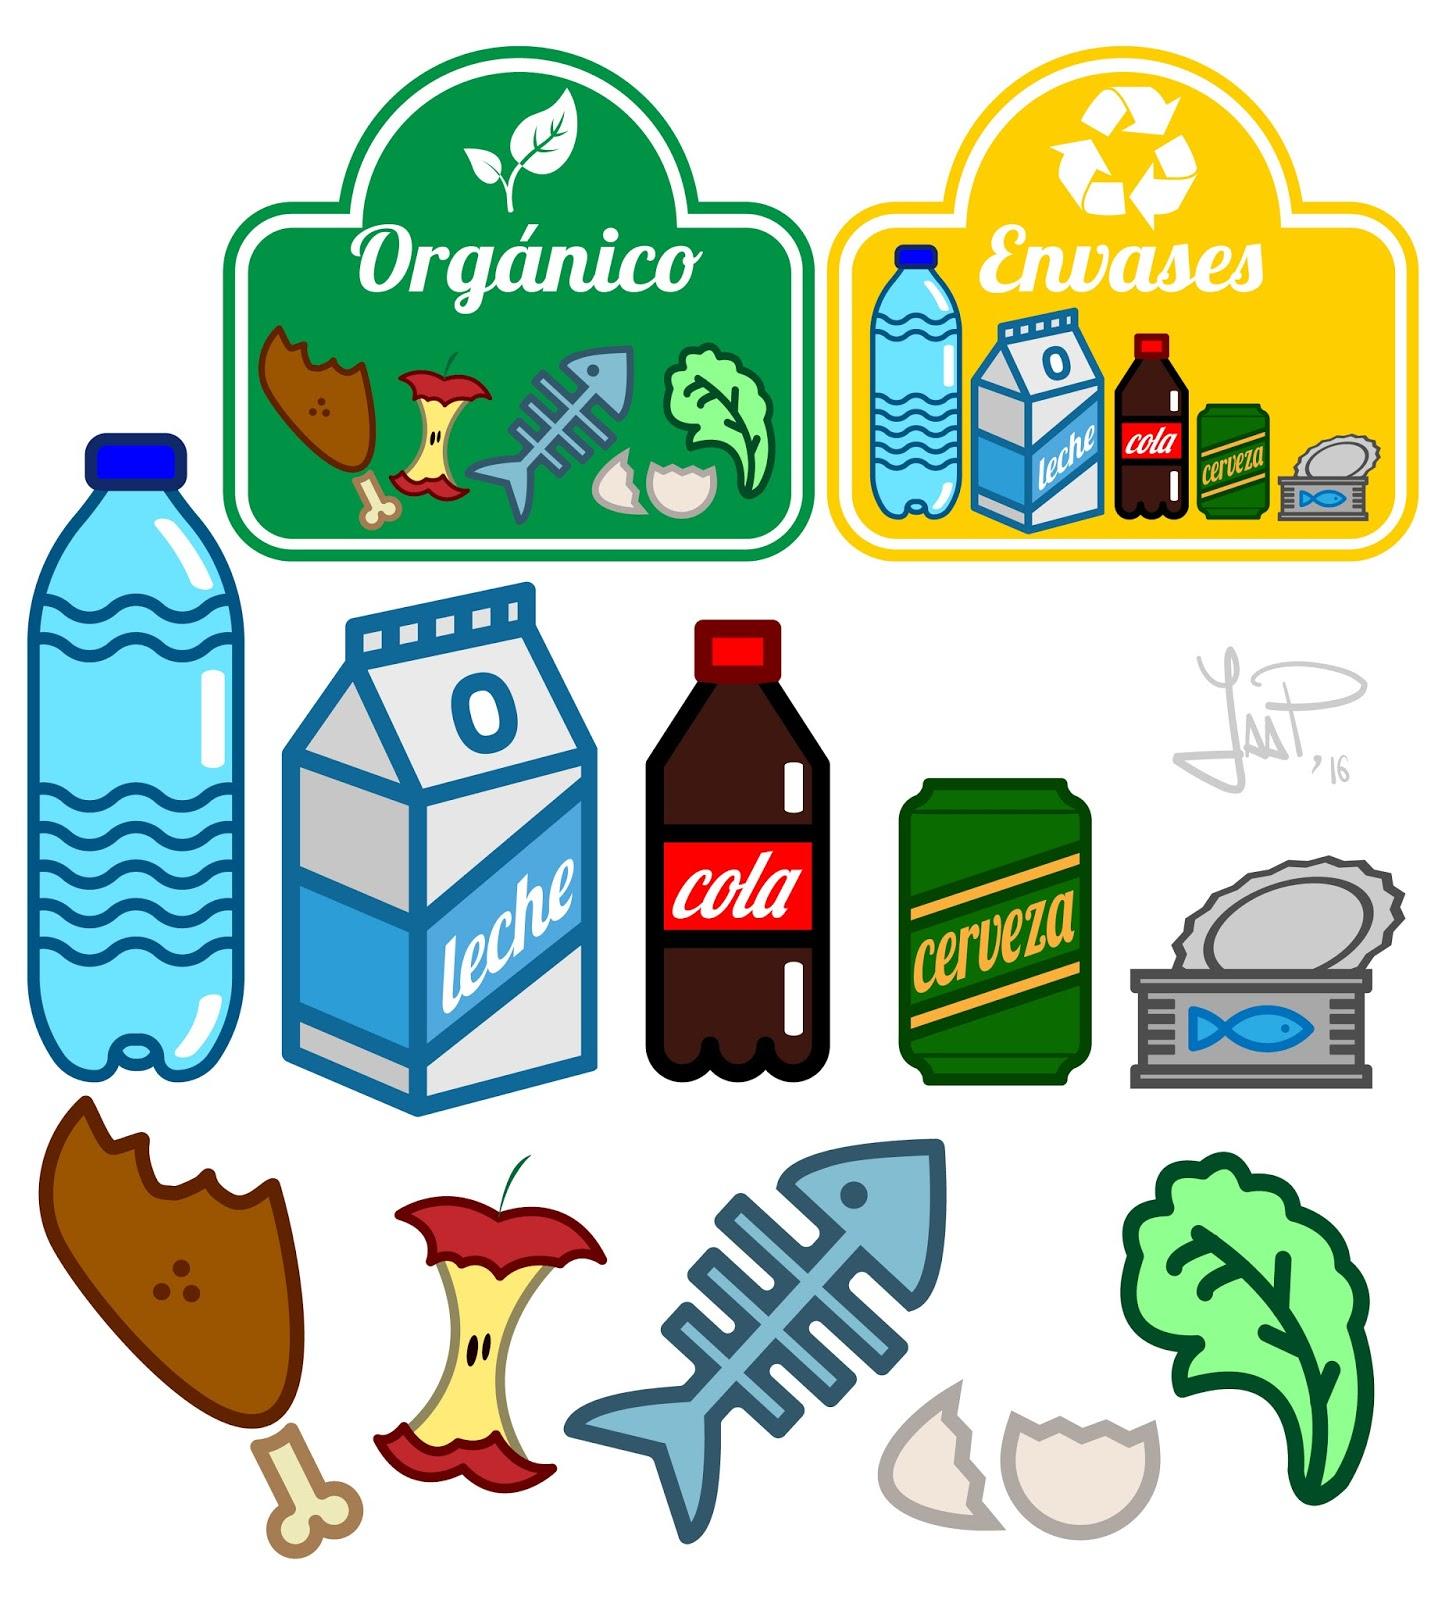 Reciclar organico gallery of los colores del reciclaje for Suelo organico dibujo animado